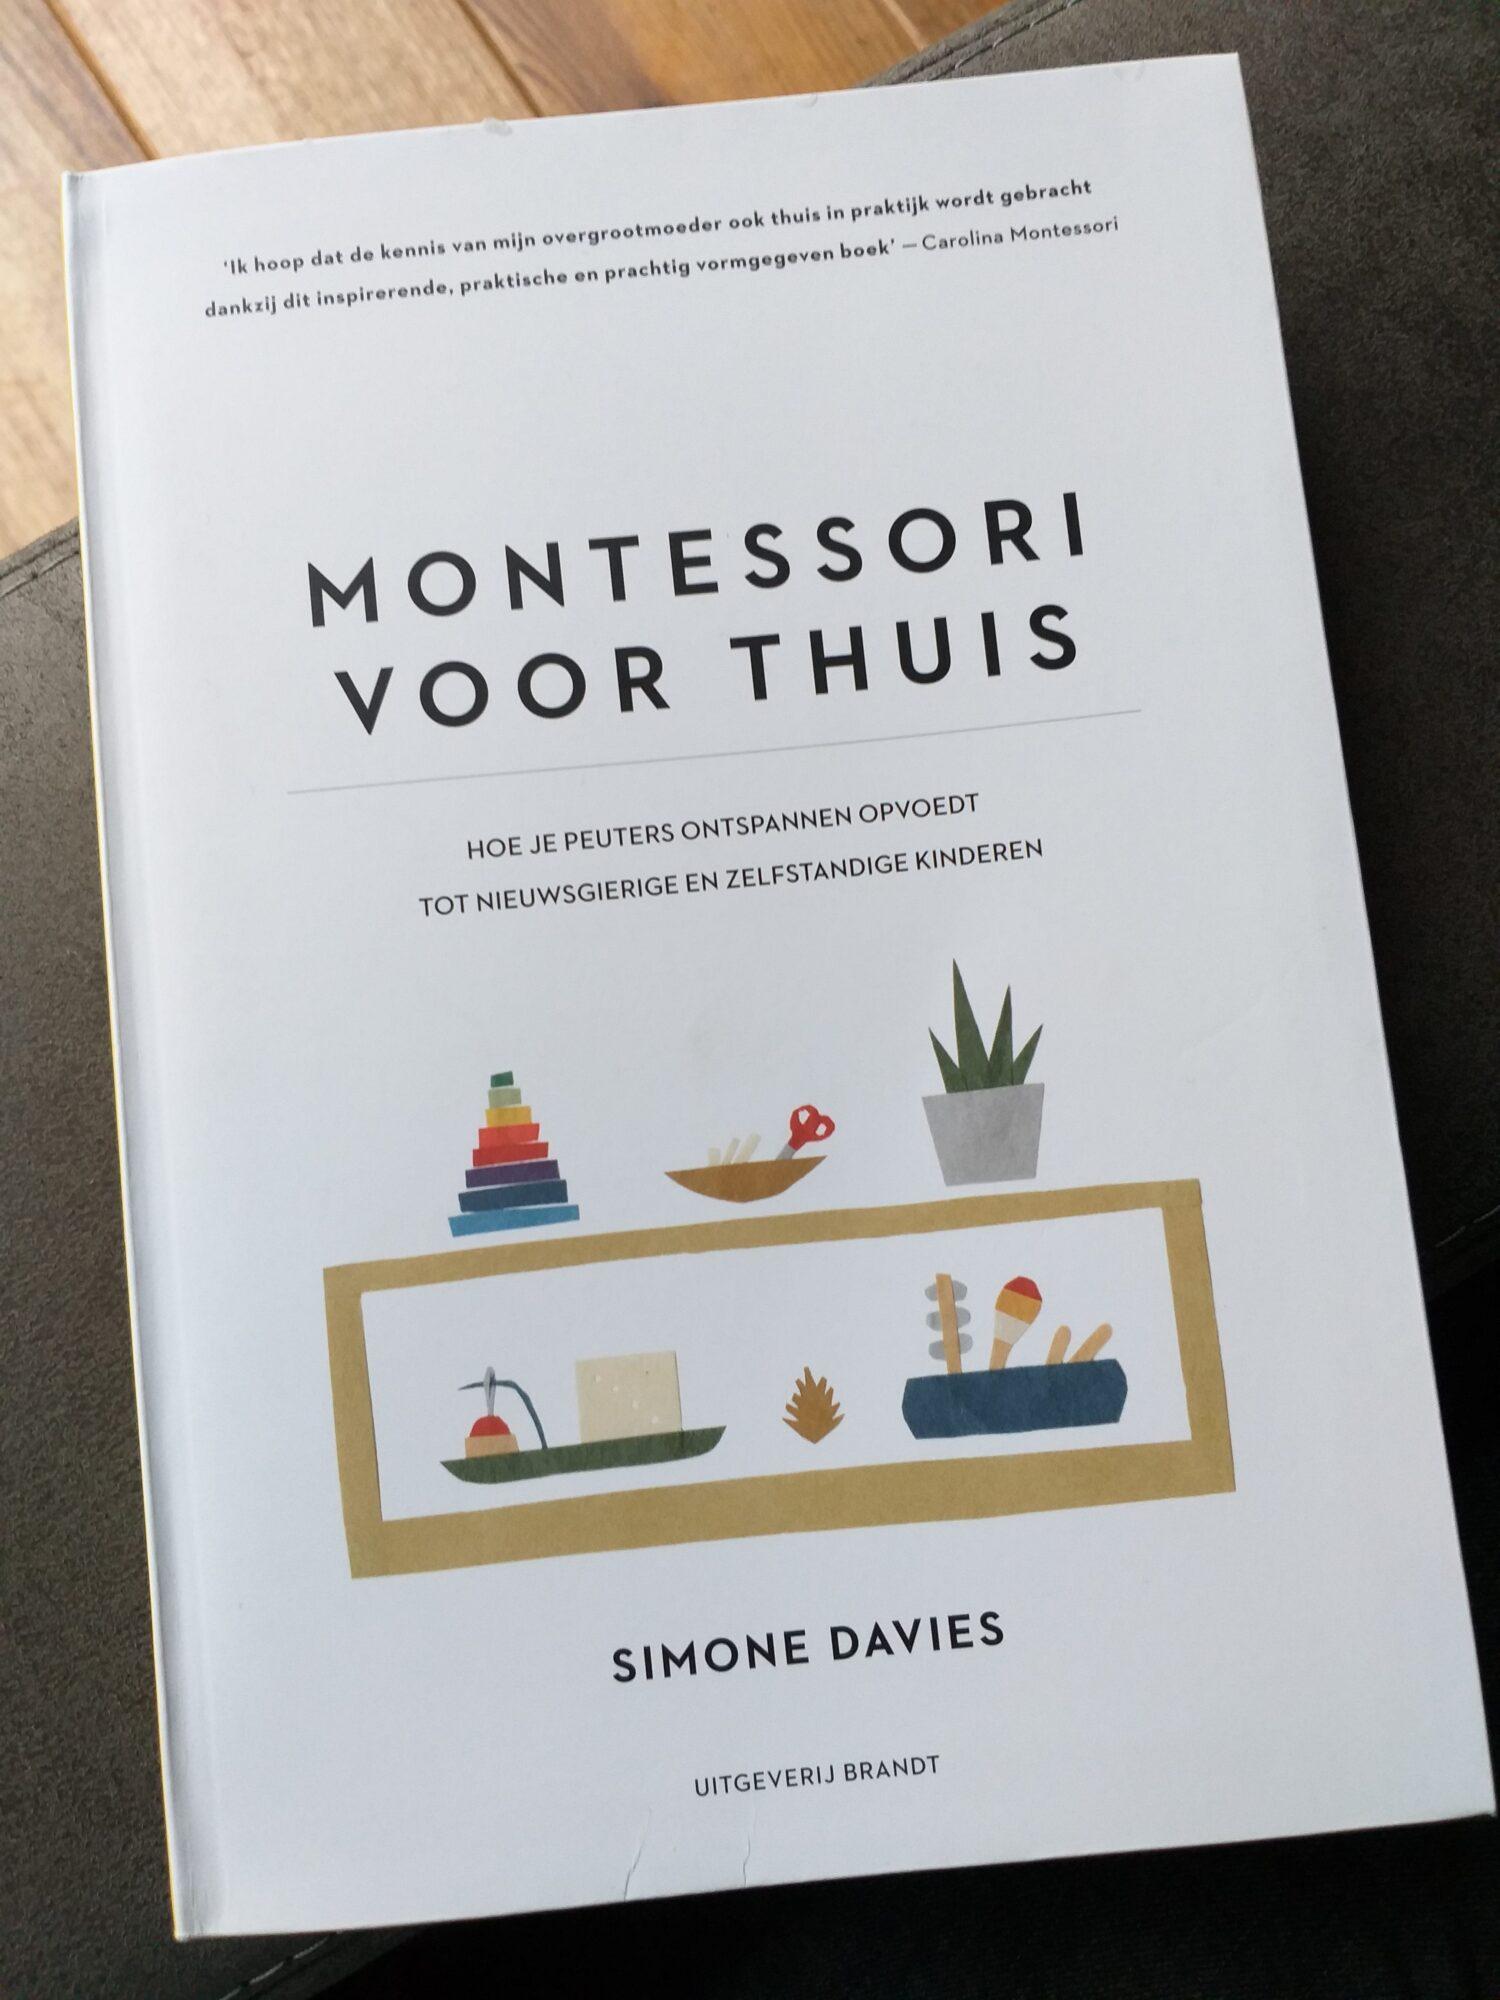 Montessori voor thuis, recensie